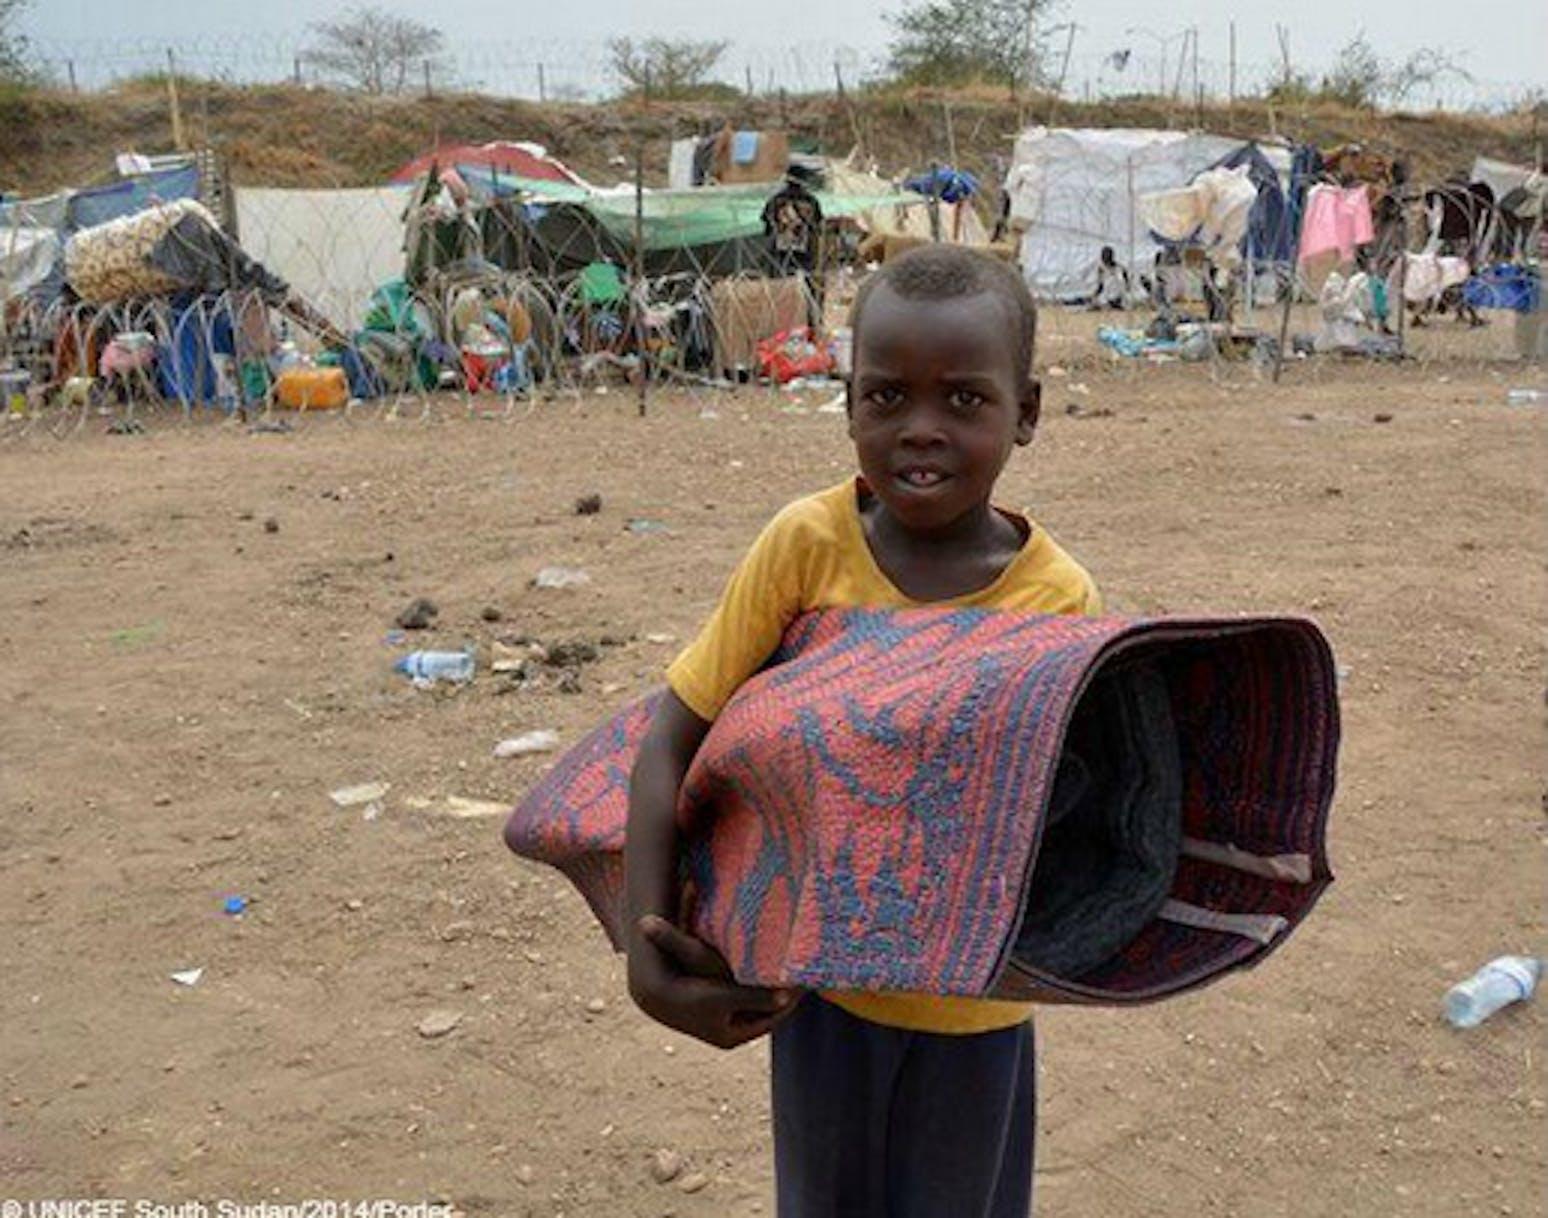 ©UNICEF Sud Sudan/2014